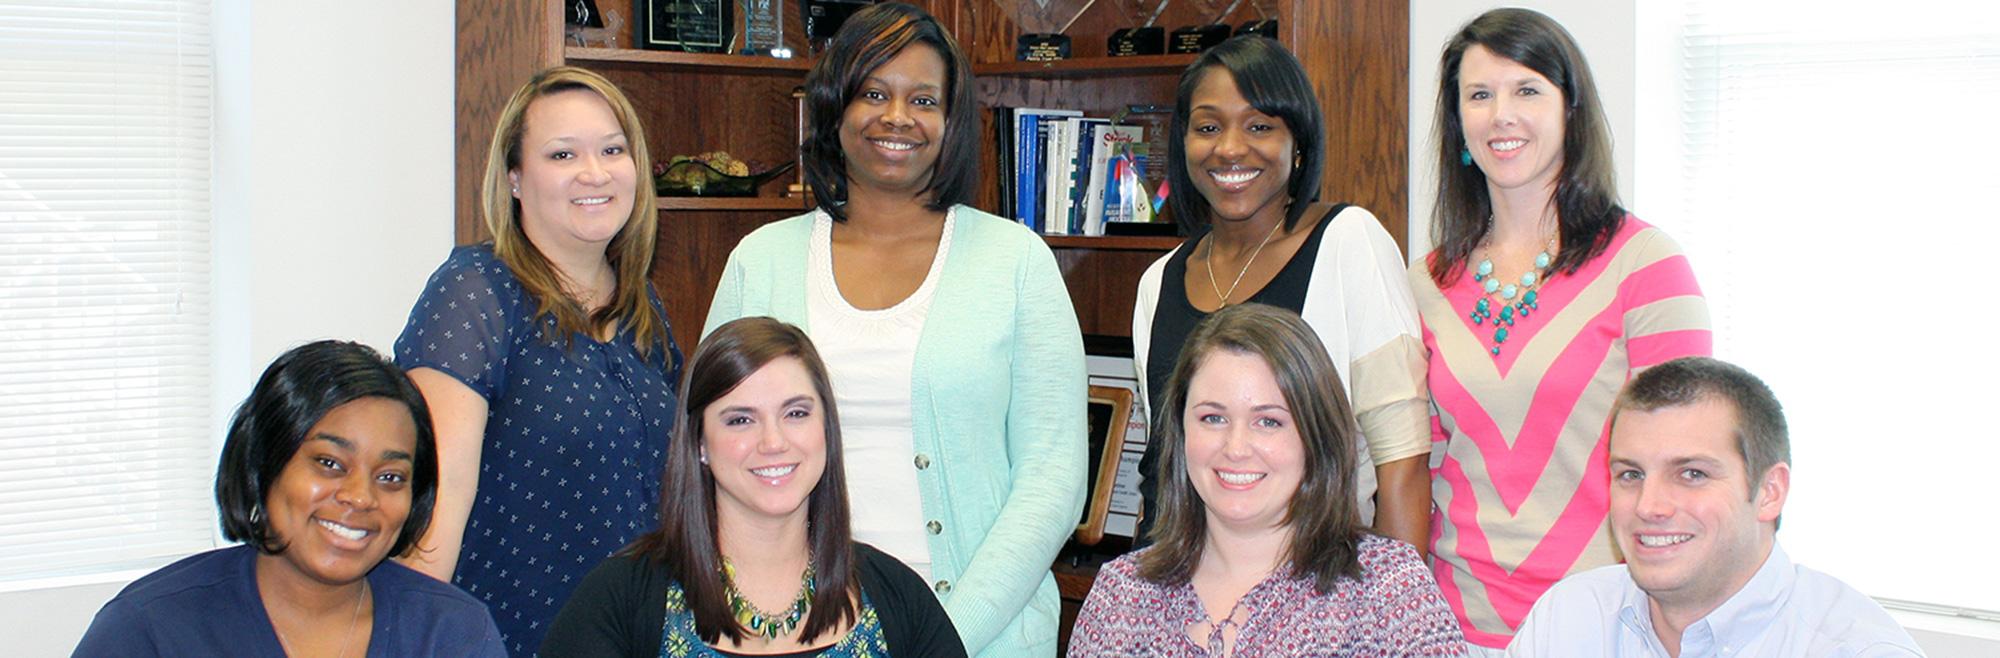 Tcj9hwrwtksyw7cnnqrr+program-develops-employee-leaders